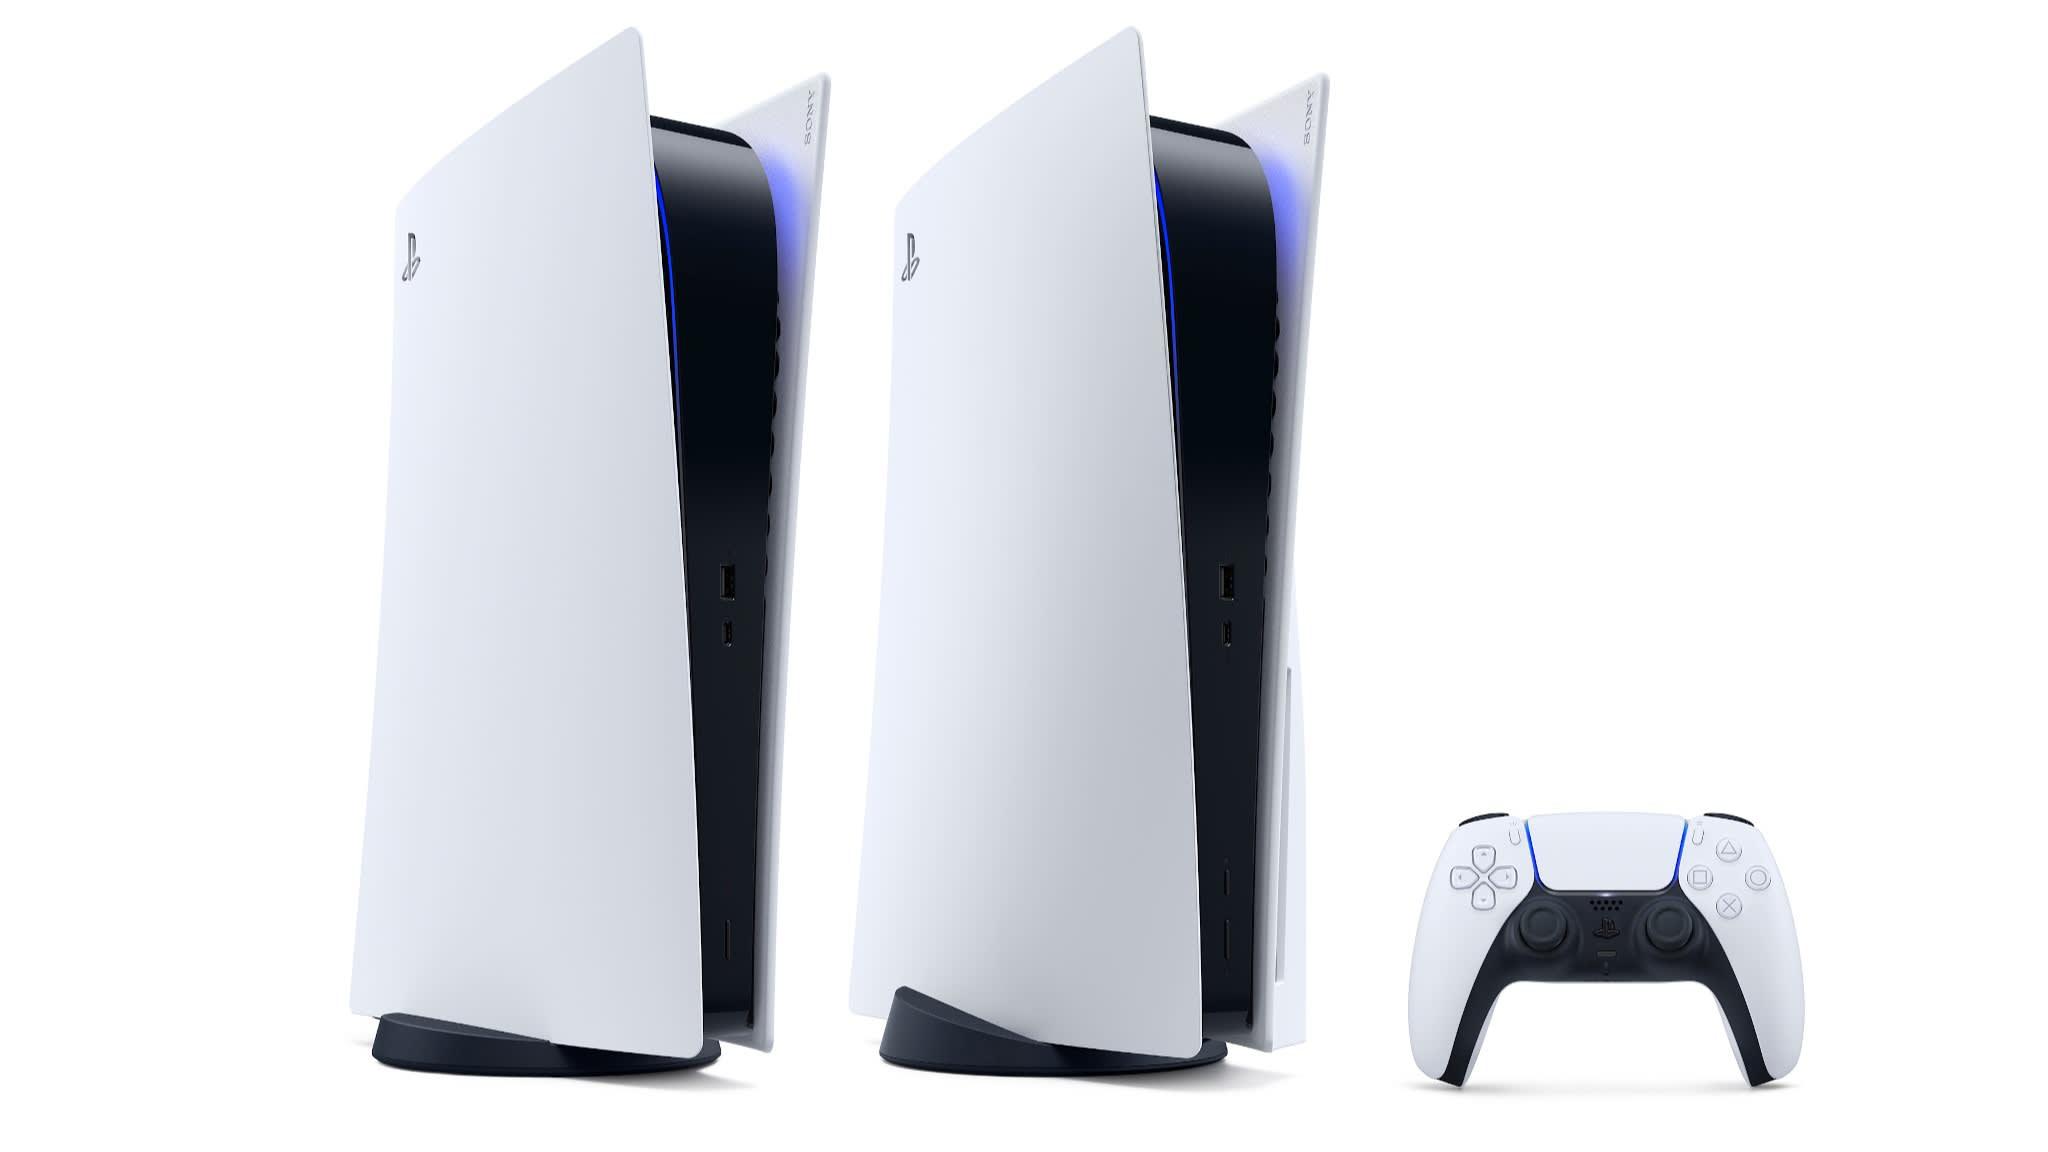 Costos en México de PlayStation 5 y sus accesorios